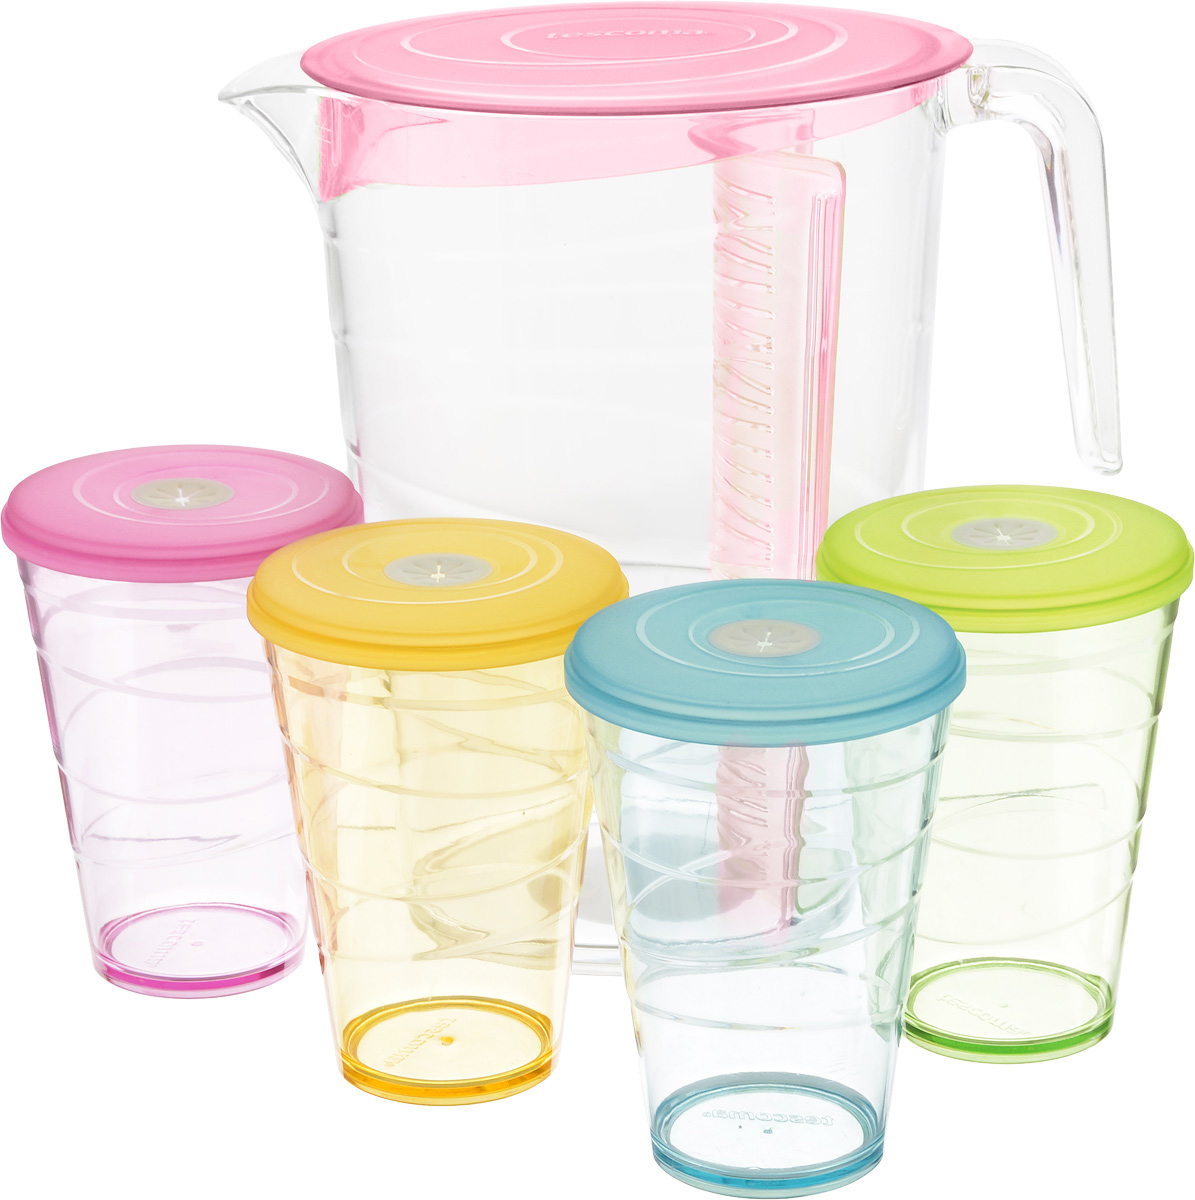 Набор питьевой Tescoma My Drink, цвет: розовый, 9 предметов308802.19Набор питьевой Tescoma My Drink - великолепноерешение для летних прохладительных напитков! Наборсостоит из кувшина и 4 стаканов. Для изготовления кувшина истаканов используется первоклассный нетоксичный пластик,пригодный для долгосрочного контакта с пищевымипродуктами и не содержащий химических добавок. Кувшин оснащен специальной перегородкой для фруктов илистьев мяты, которая позволяет не допускать смешивания сосновной жидкостью в кувшине. Это избавит вас отдополнительной фильтрации лимонада. Перегородку удобноснимать и чистить. В комплект входят 4 стакана разного цвета, каждый из которыхоснащен крышкой с гибким отверстием для соломинки. Можно мыть в посудомоечной машине на щадящихпрограммах, выдерживает температуру до 60°С. Размер кувшина (по верхнему краю): 12 х 18 см. Высота кувшина: 23 см. Объем кувшина: 2,5 л. Диаметр стакана (по верхнему краю): 8,5 см. Высота стакана: 12 см. Объем стакана: 400 мл.